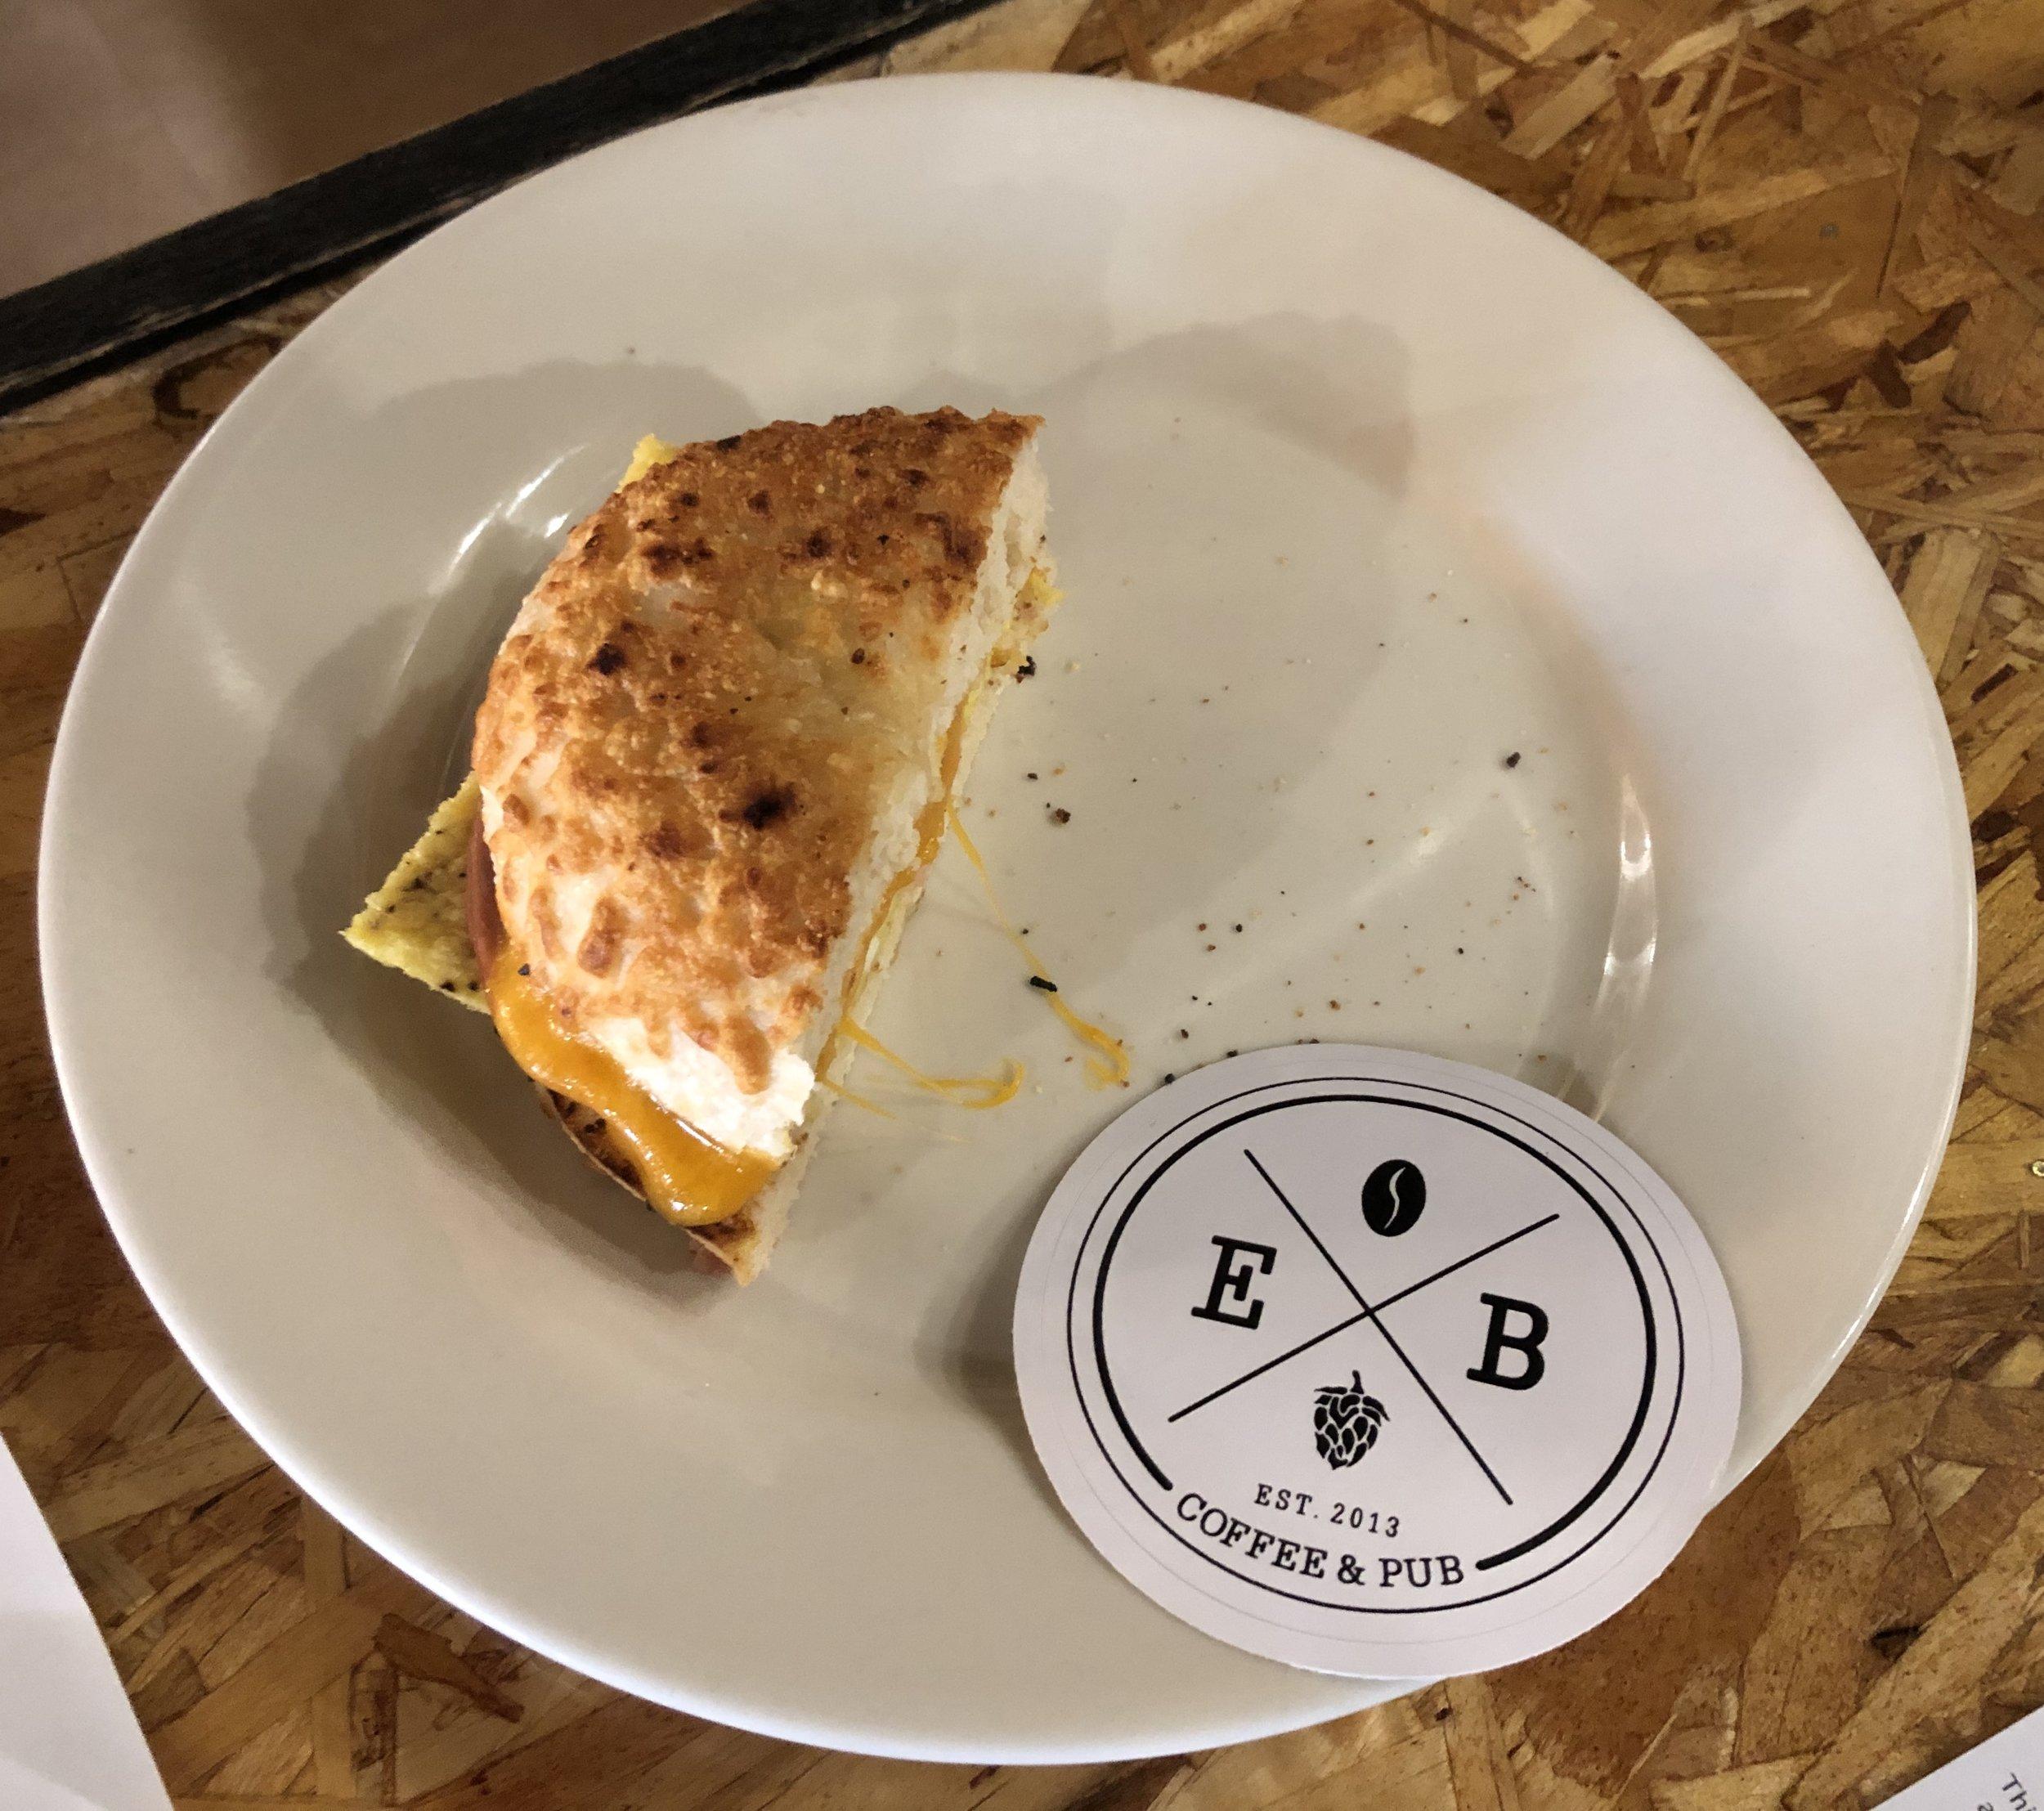 Great breakfast sandwiches